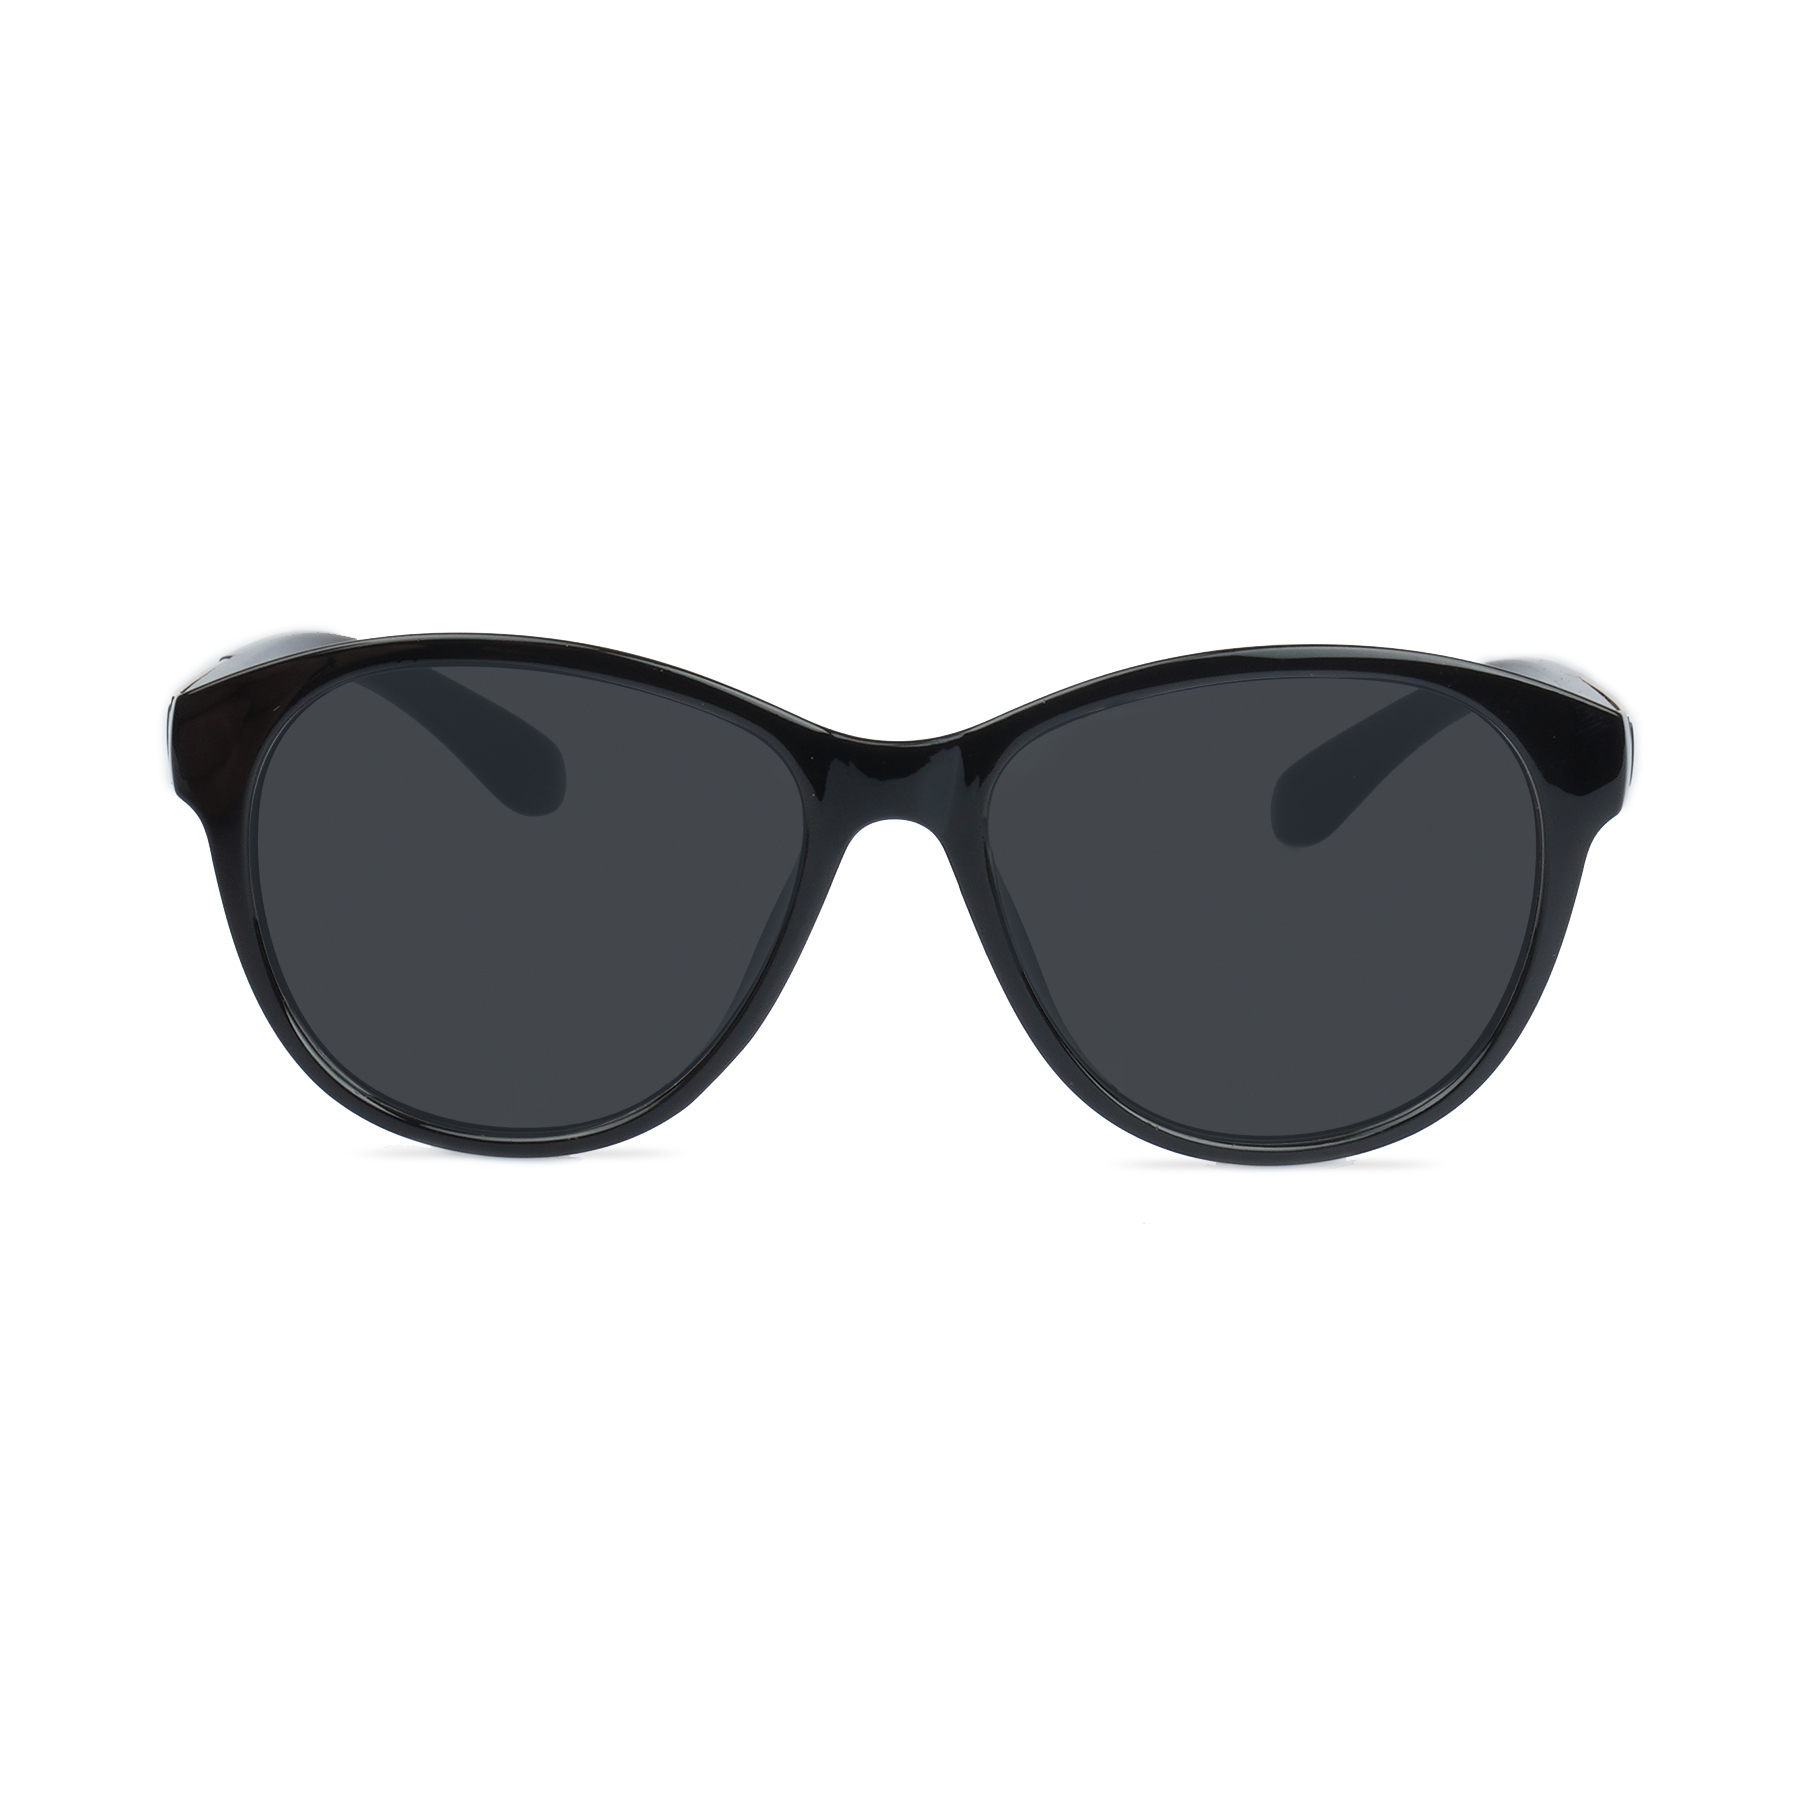 Evoke Barcelona Sunglasses